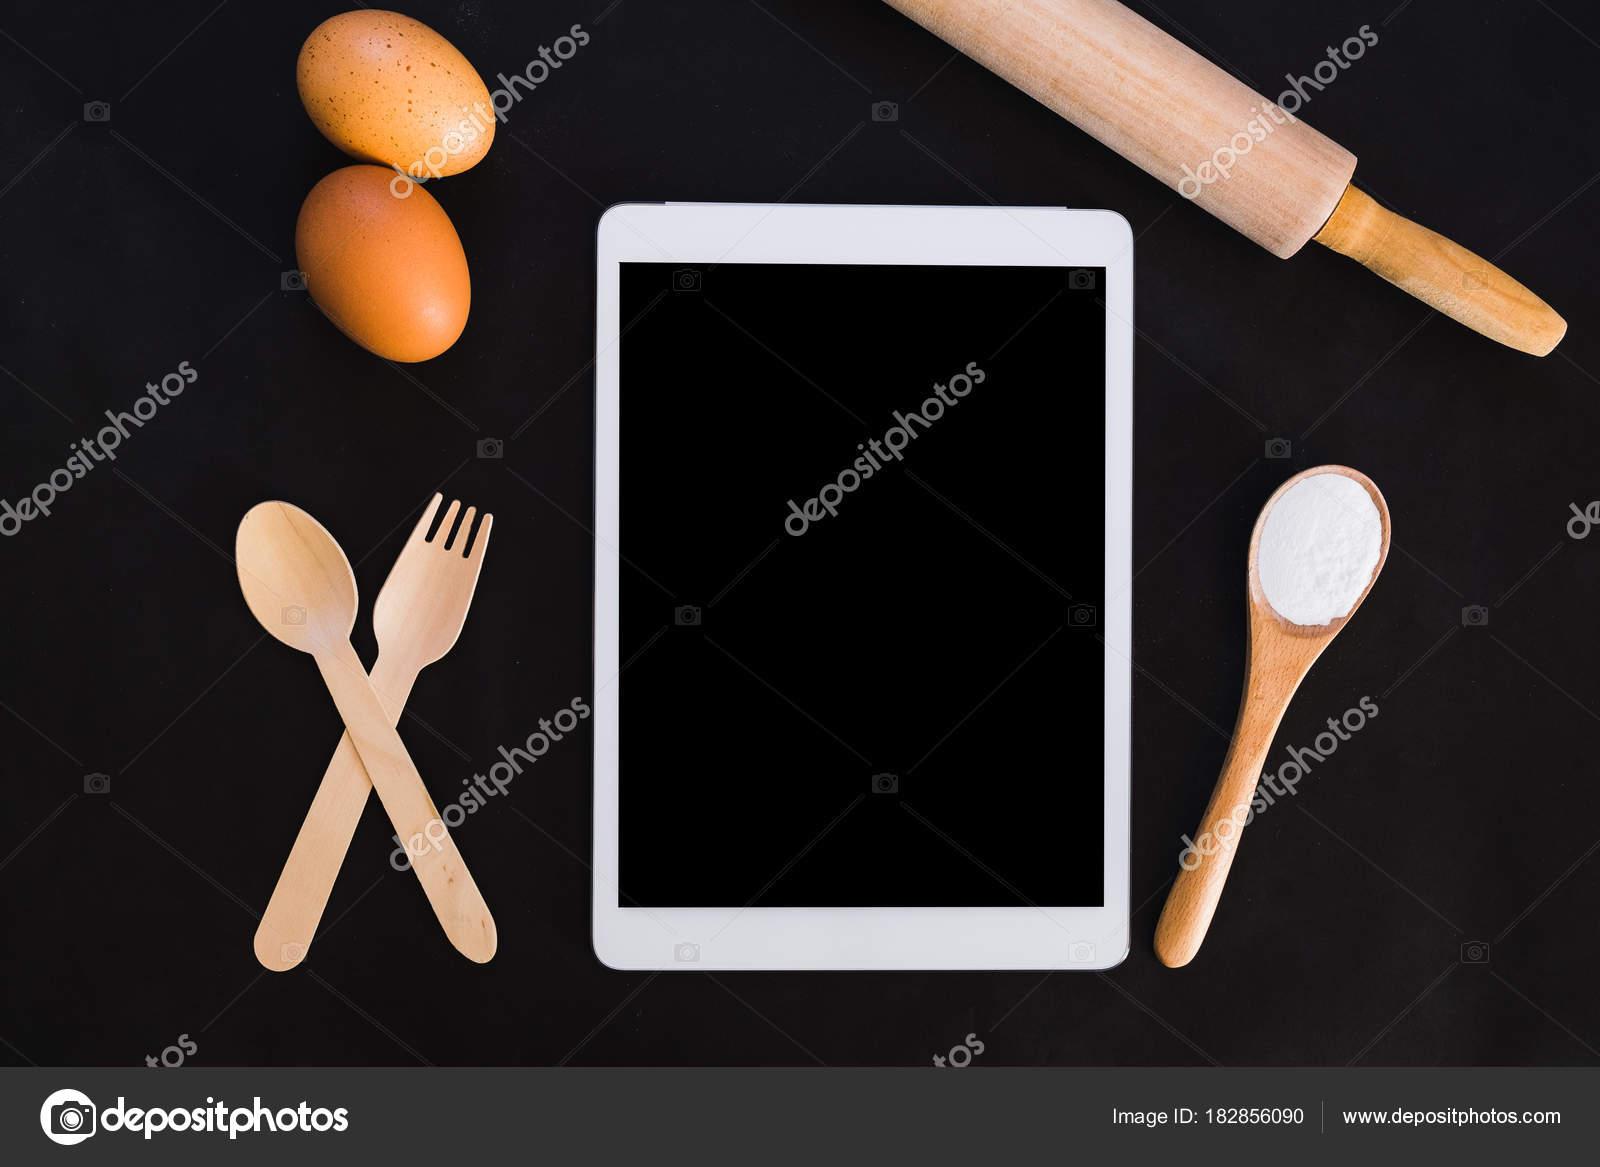 Backen Kuchen Zutaten Rezept Buch Ipad Mehl Eiern Schneebesen